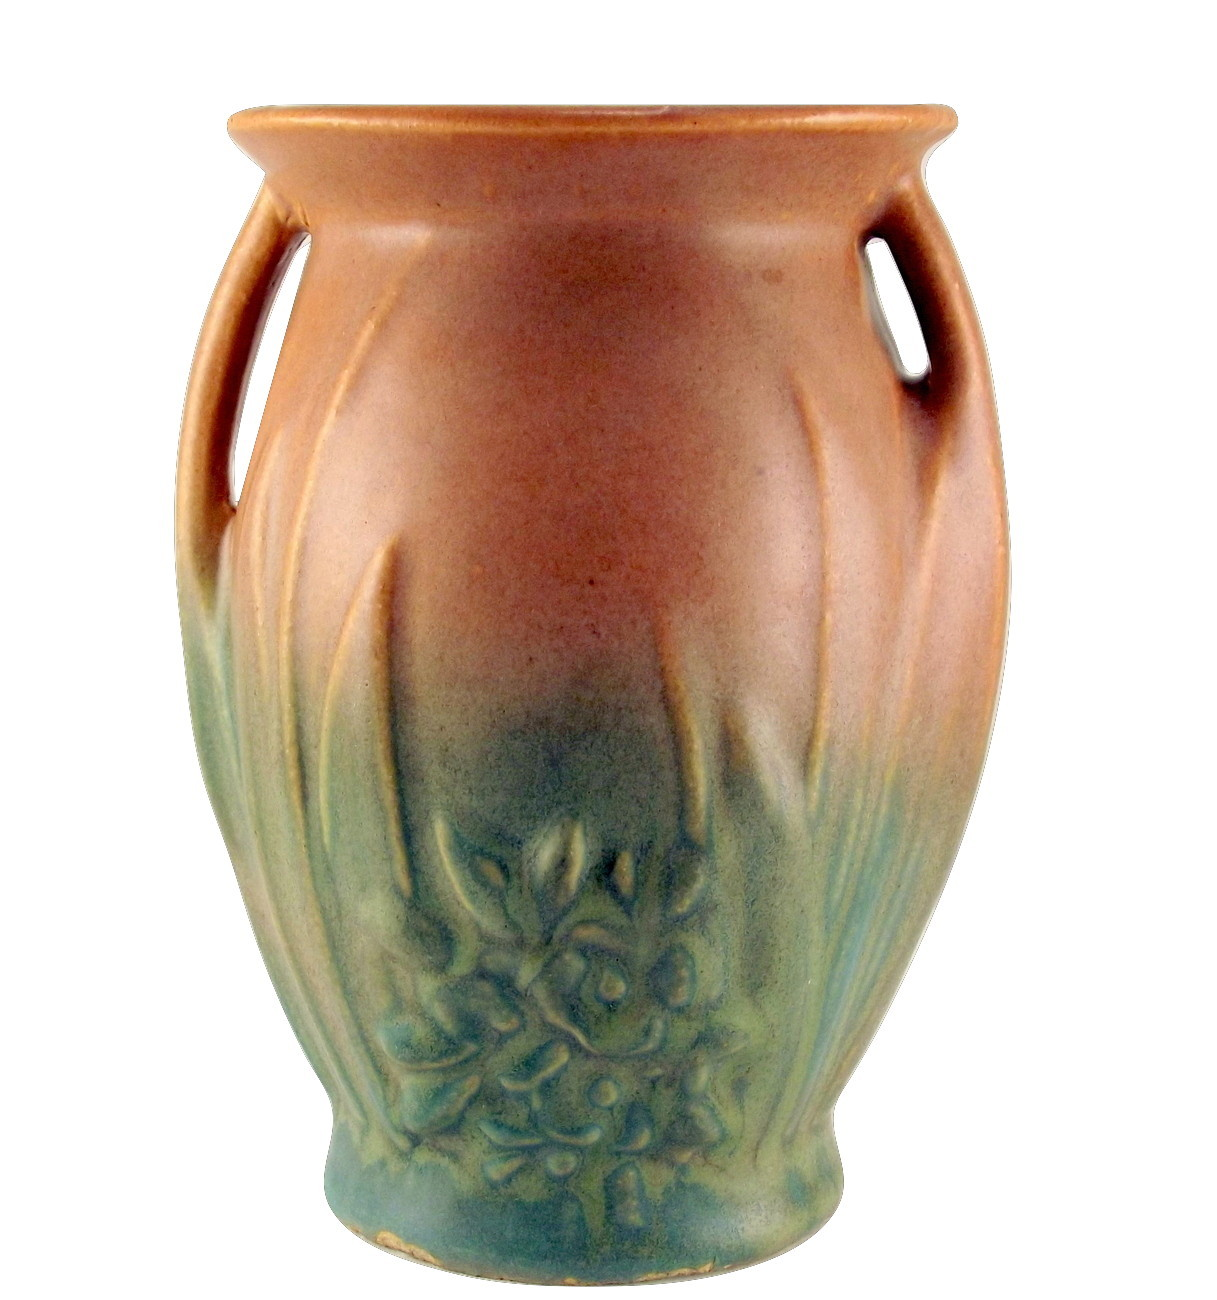 Nelson McCoy Blended Glaze Art Pottery Vase Matte Brown